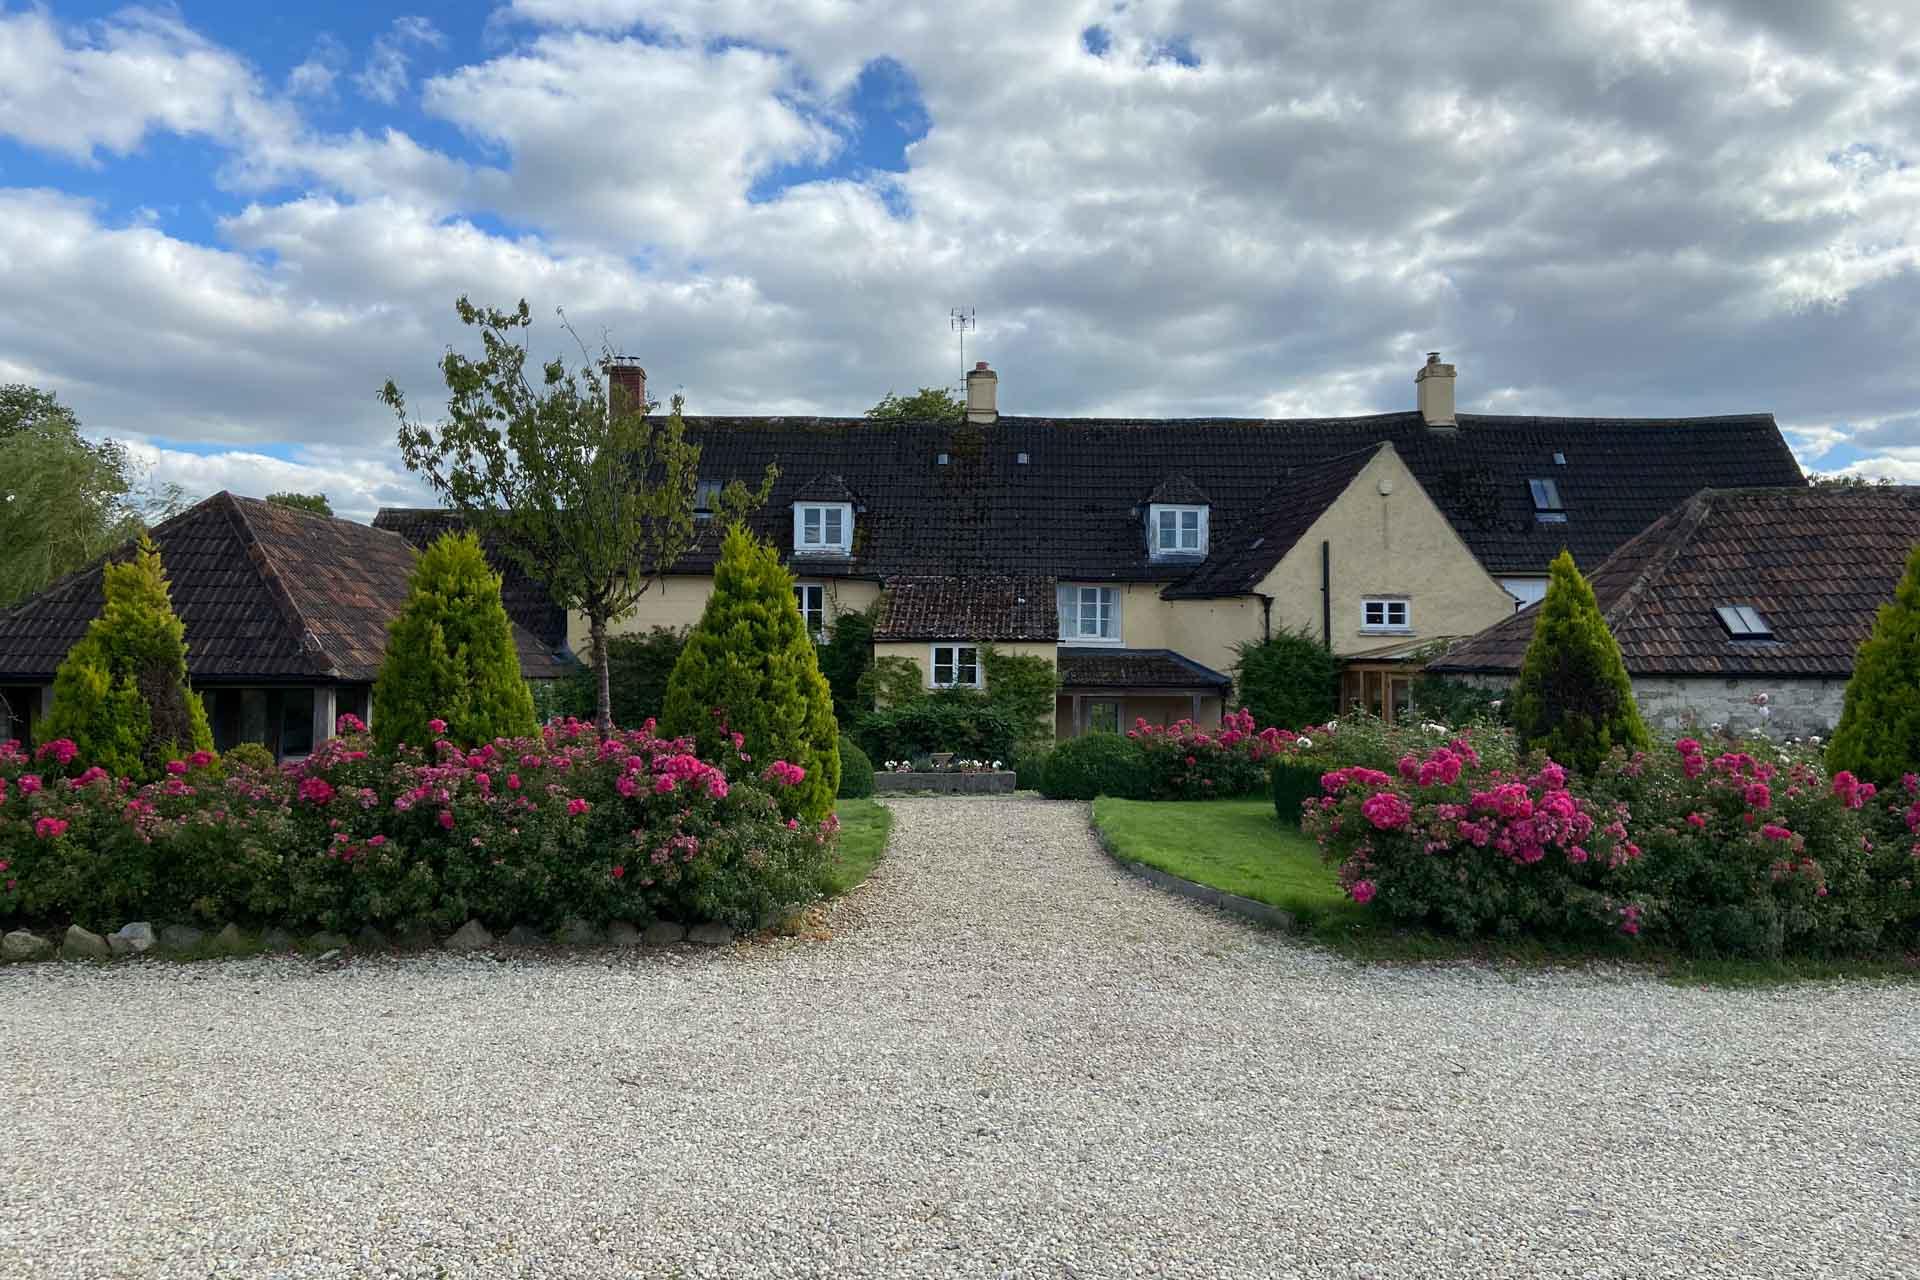 inglestone-farm-main-house13